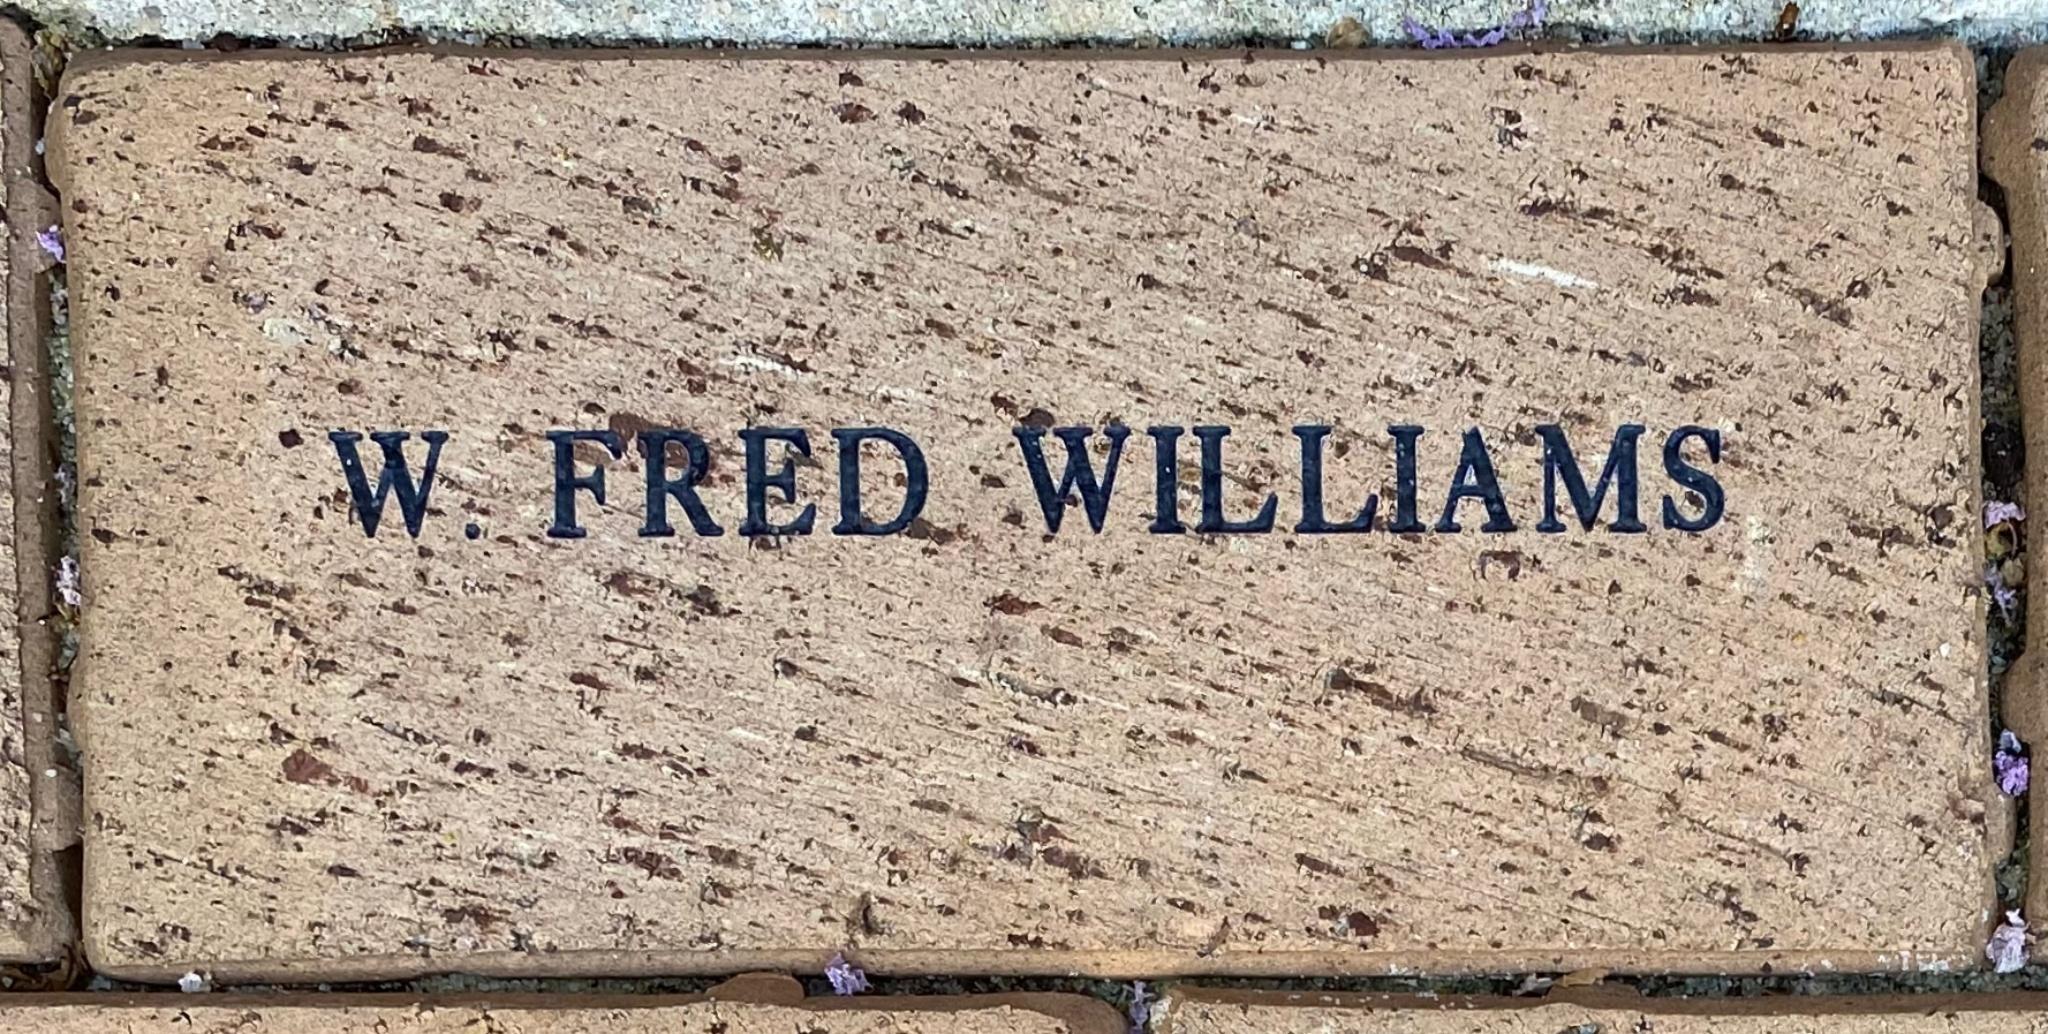 W. FRED WILLIAMS